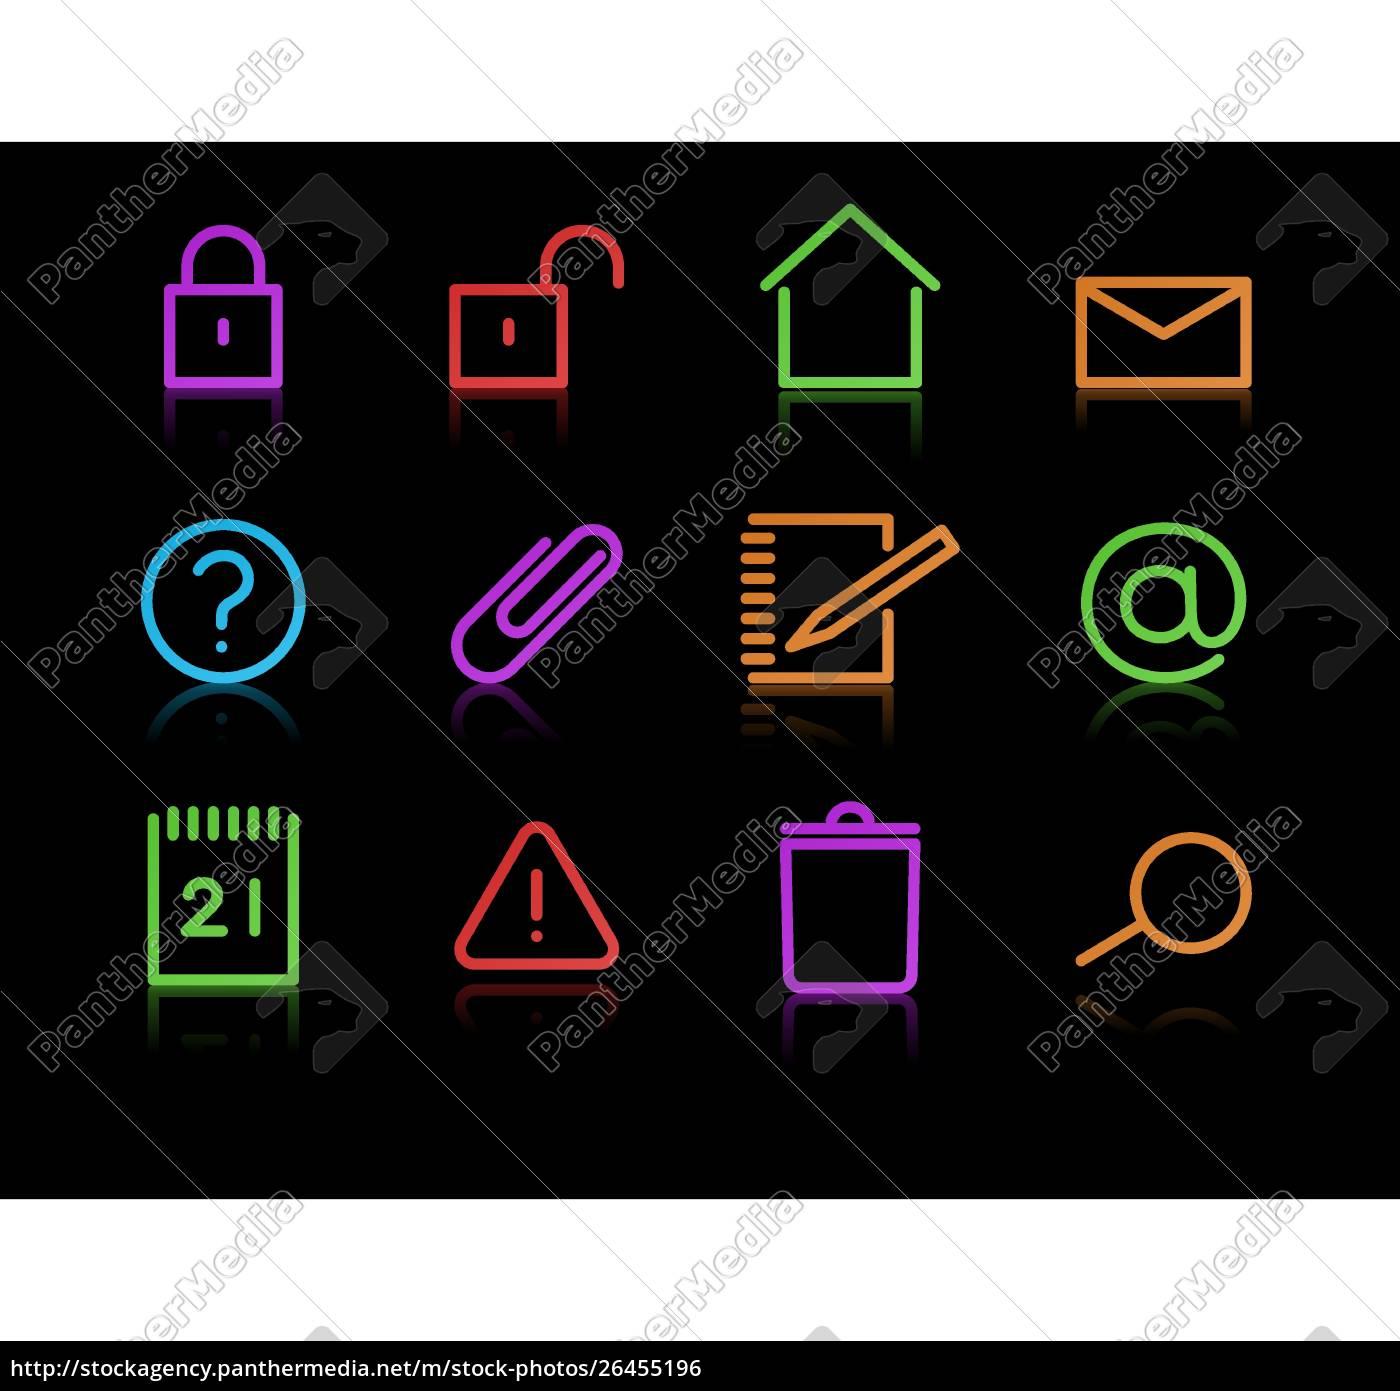 vektorsatz, eleganter, neon-symbole, für, gängige, computerfunktionen - 26455196